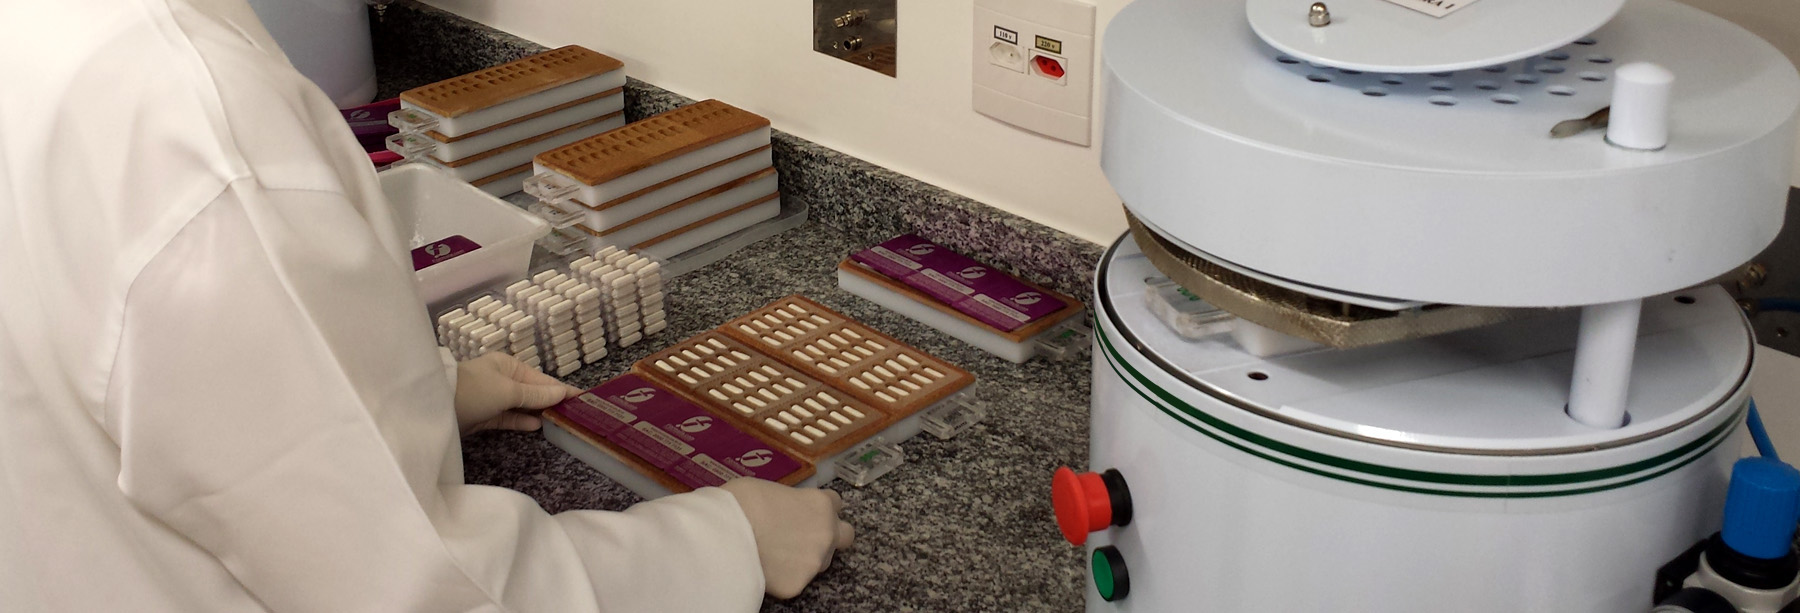 formulacom-blistagem